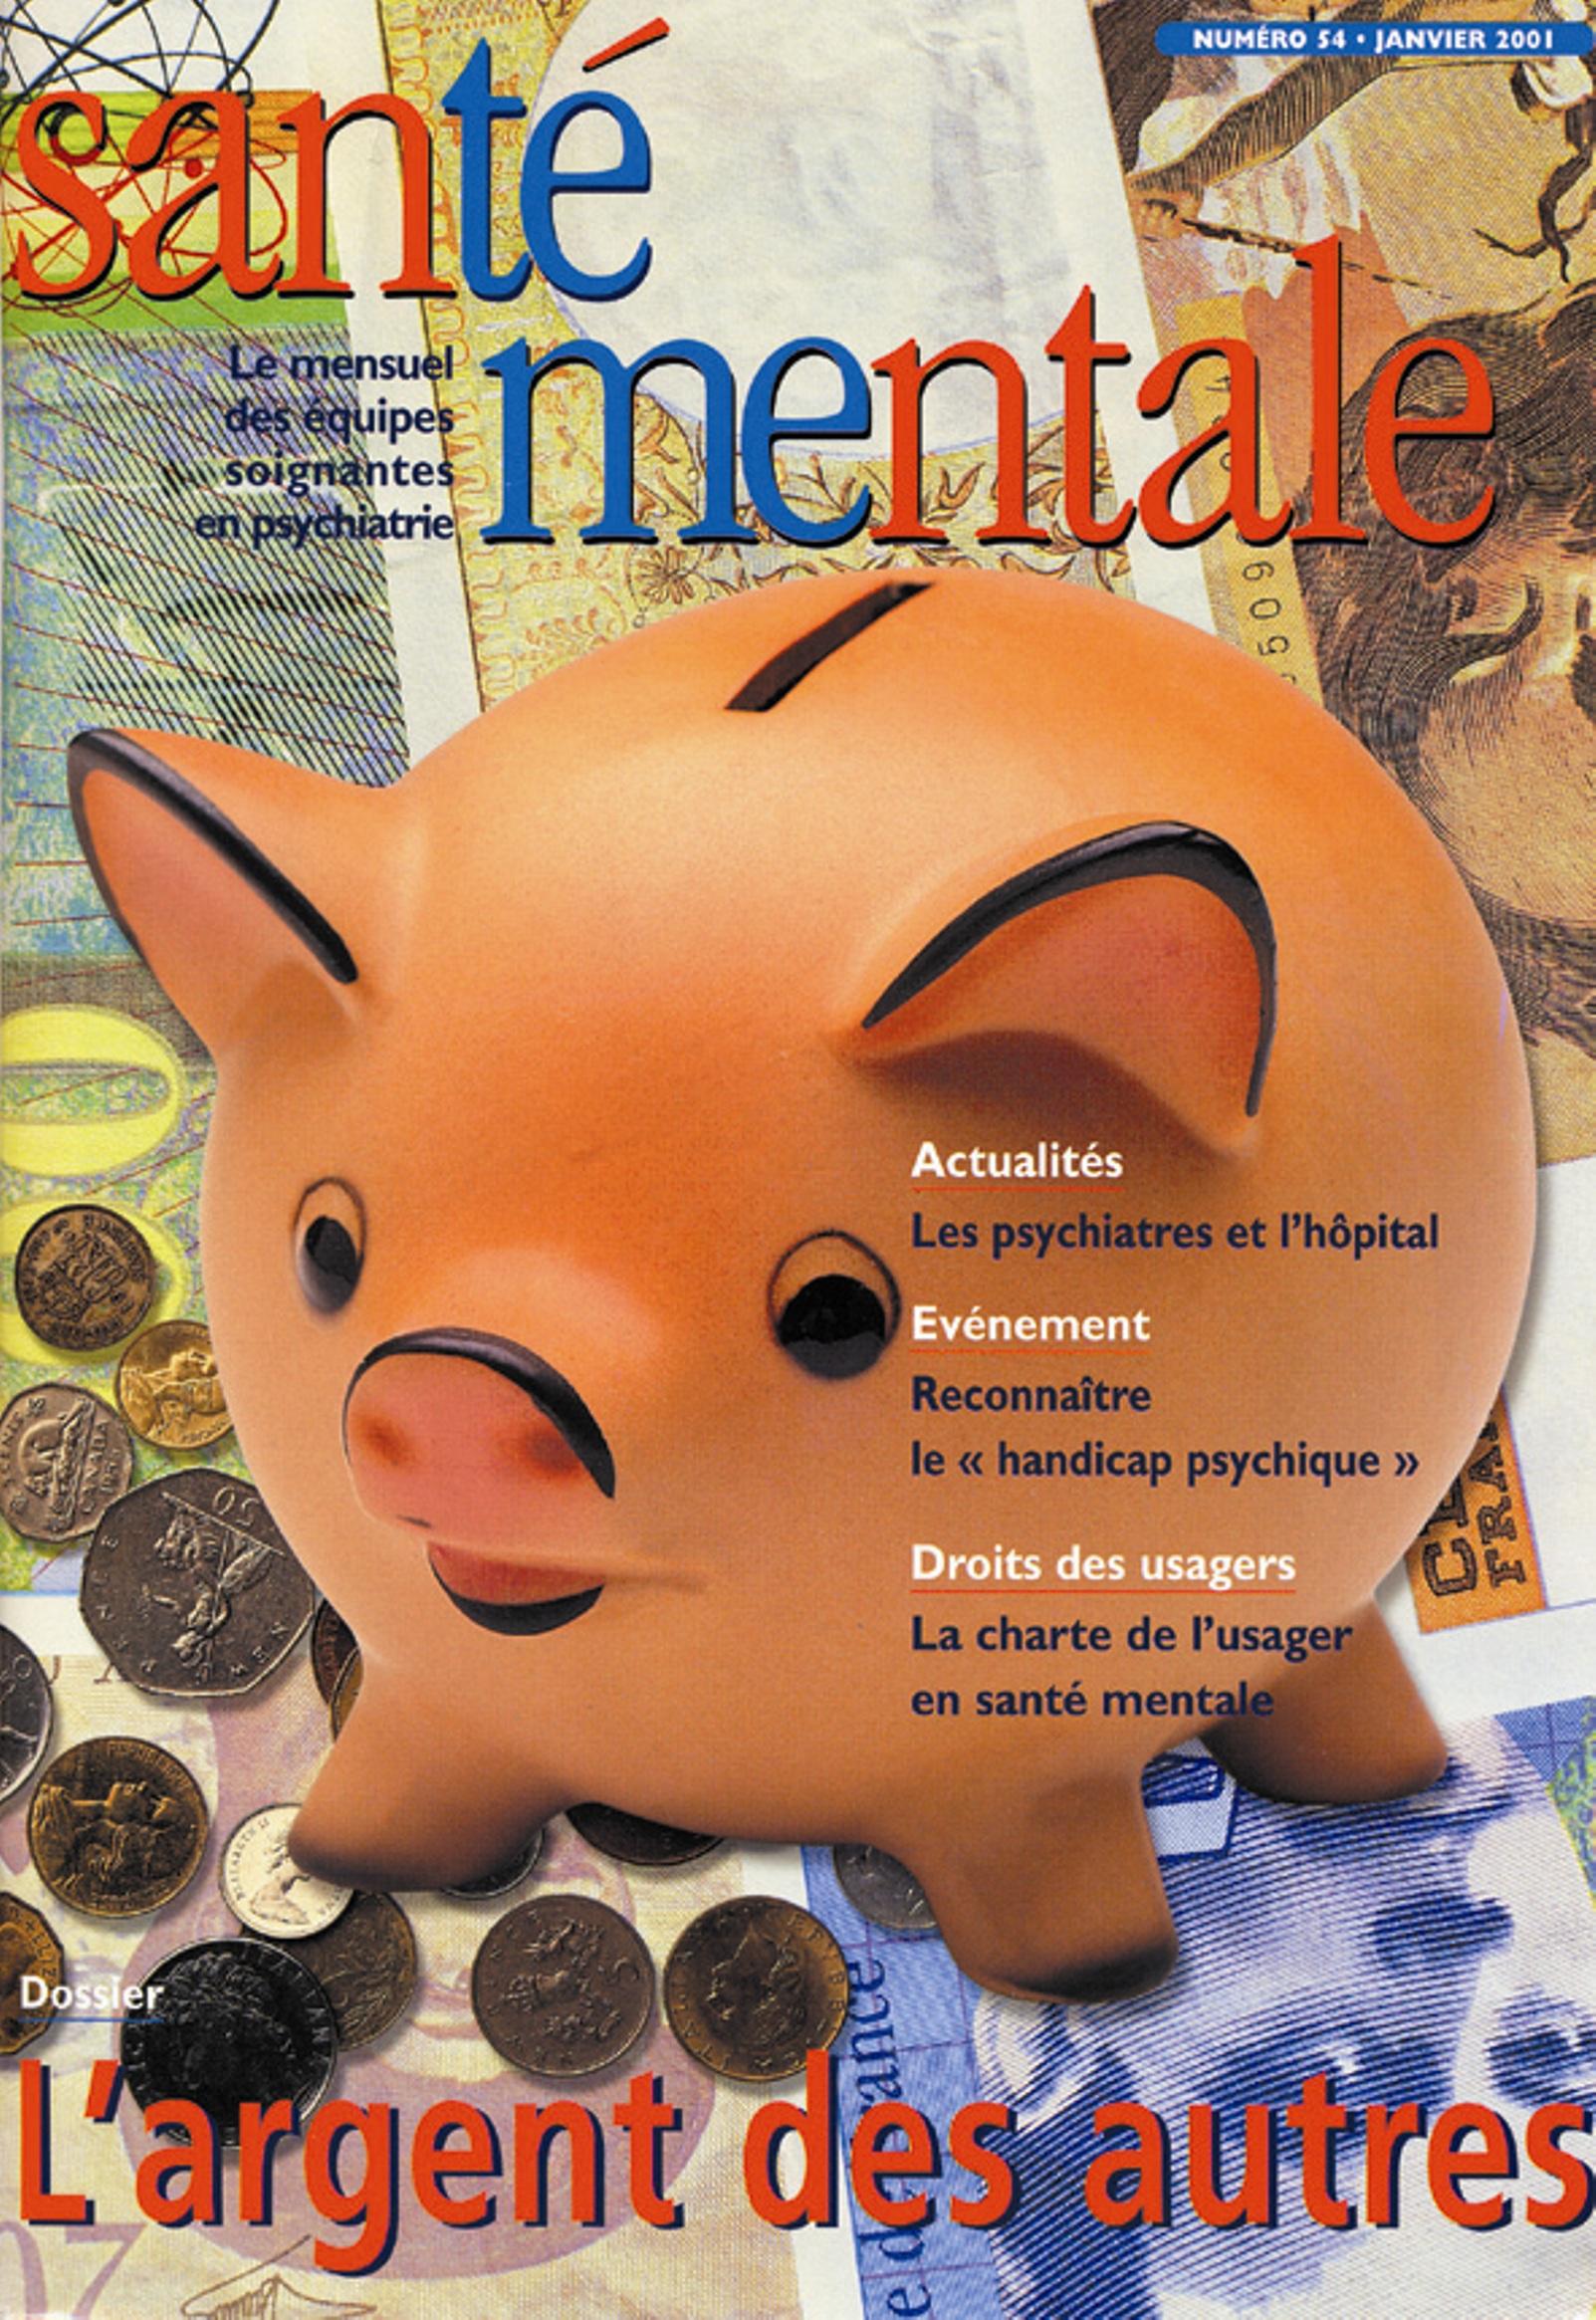 Couverture N°54 janvier 2001